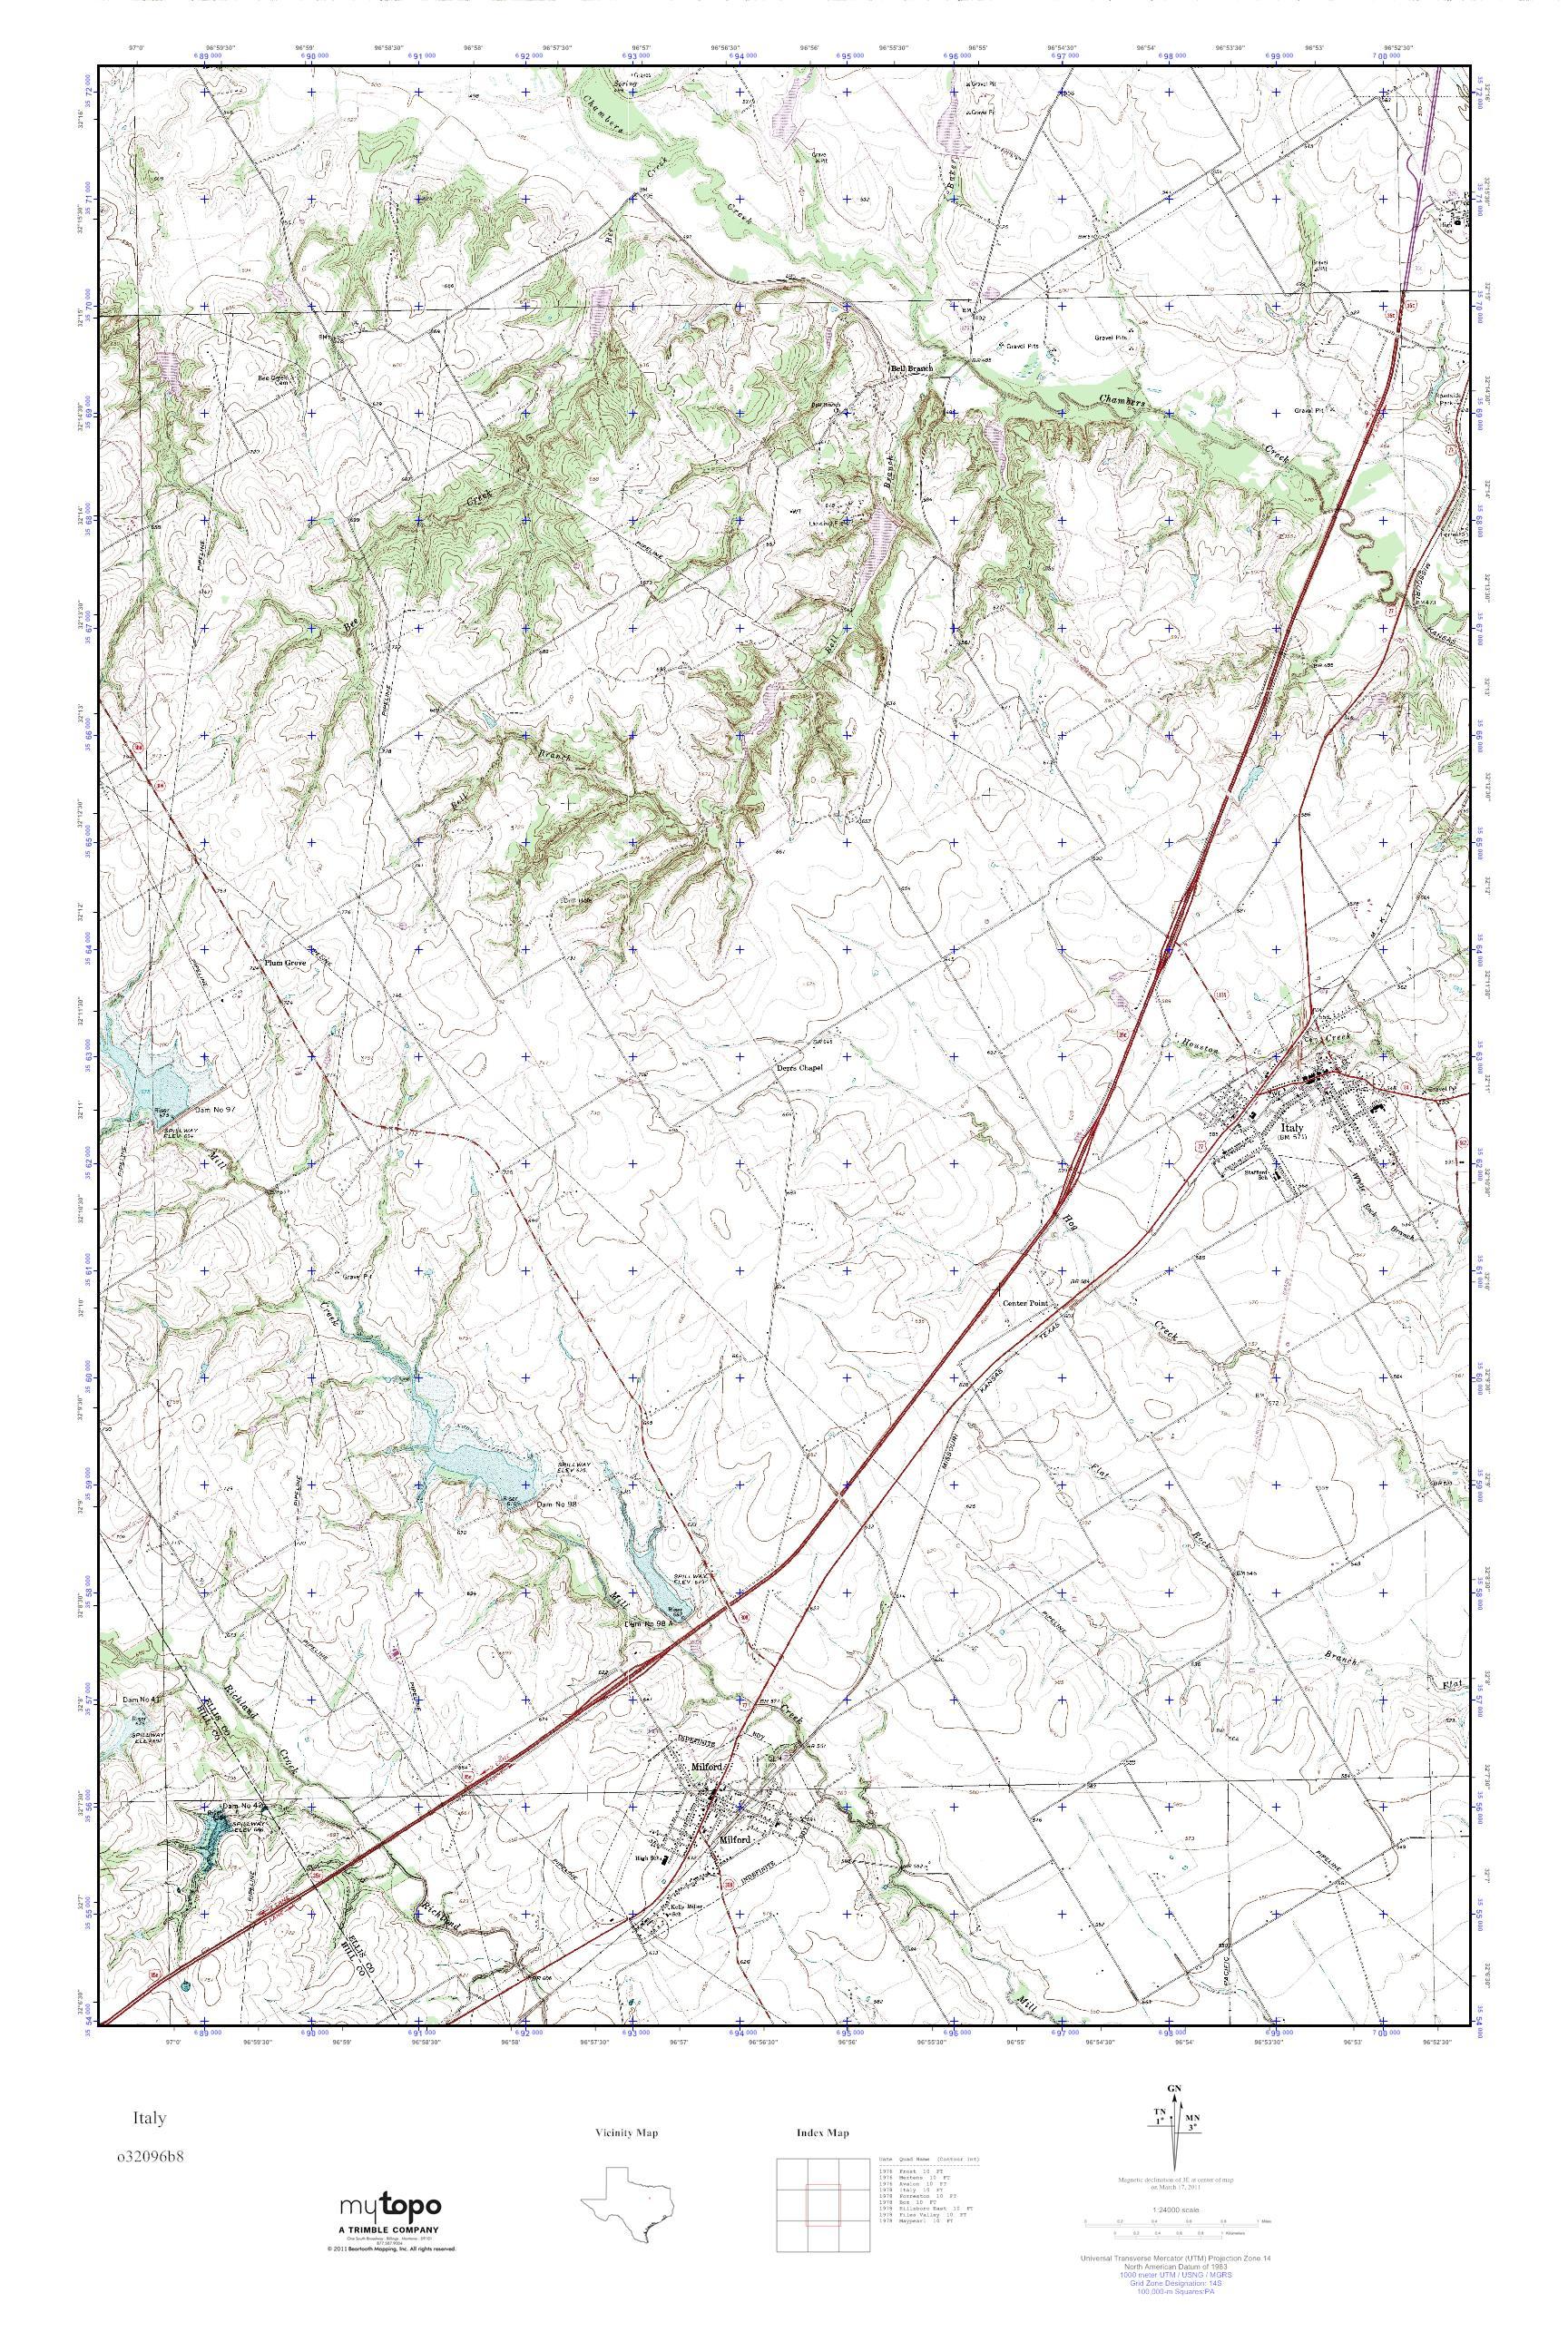 Mytopo Italy, Texas Usgs Quad Topo Map - Italy Texas Map